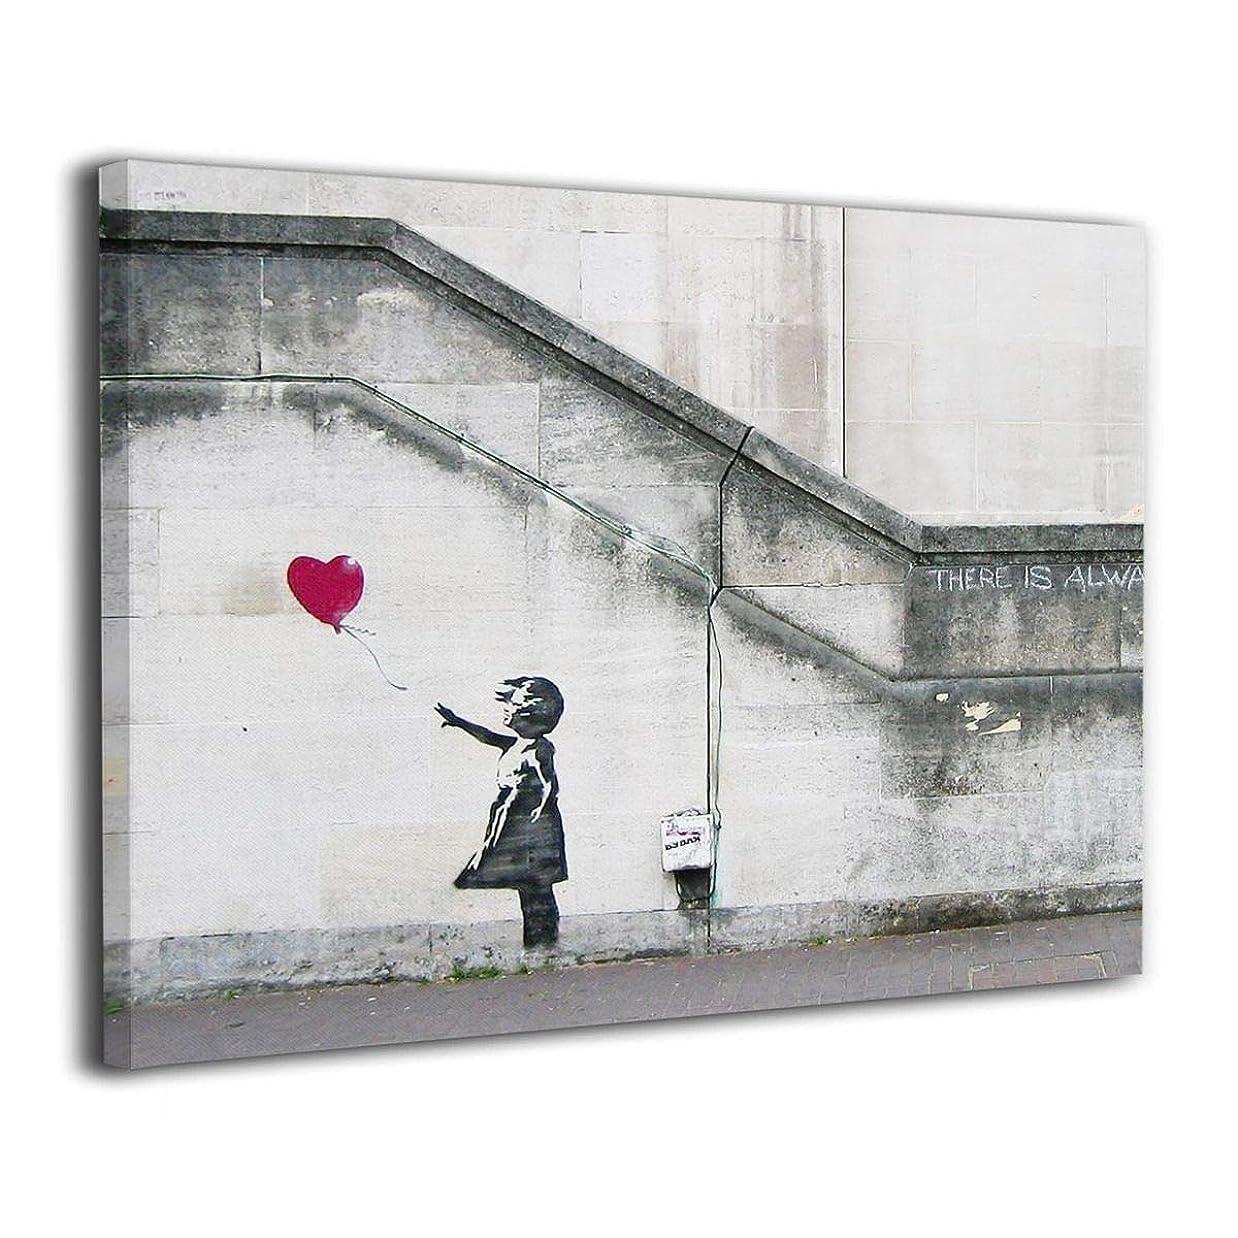 雄弁家取る香りBanksy バンクシー アートパネル 木製の枠 アートポスター 装飾画 壁掛け 部屋飾り 客間絵画 現代 キャンバス インテリア絵画